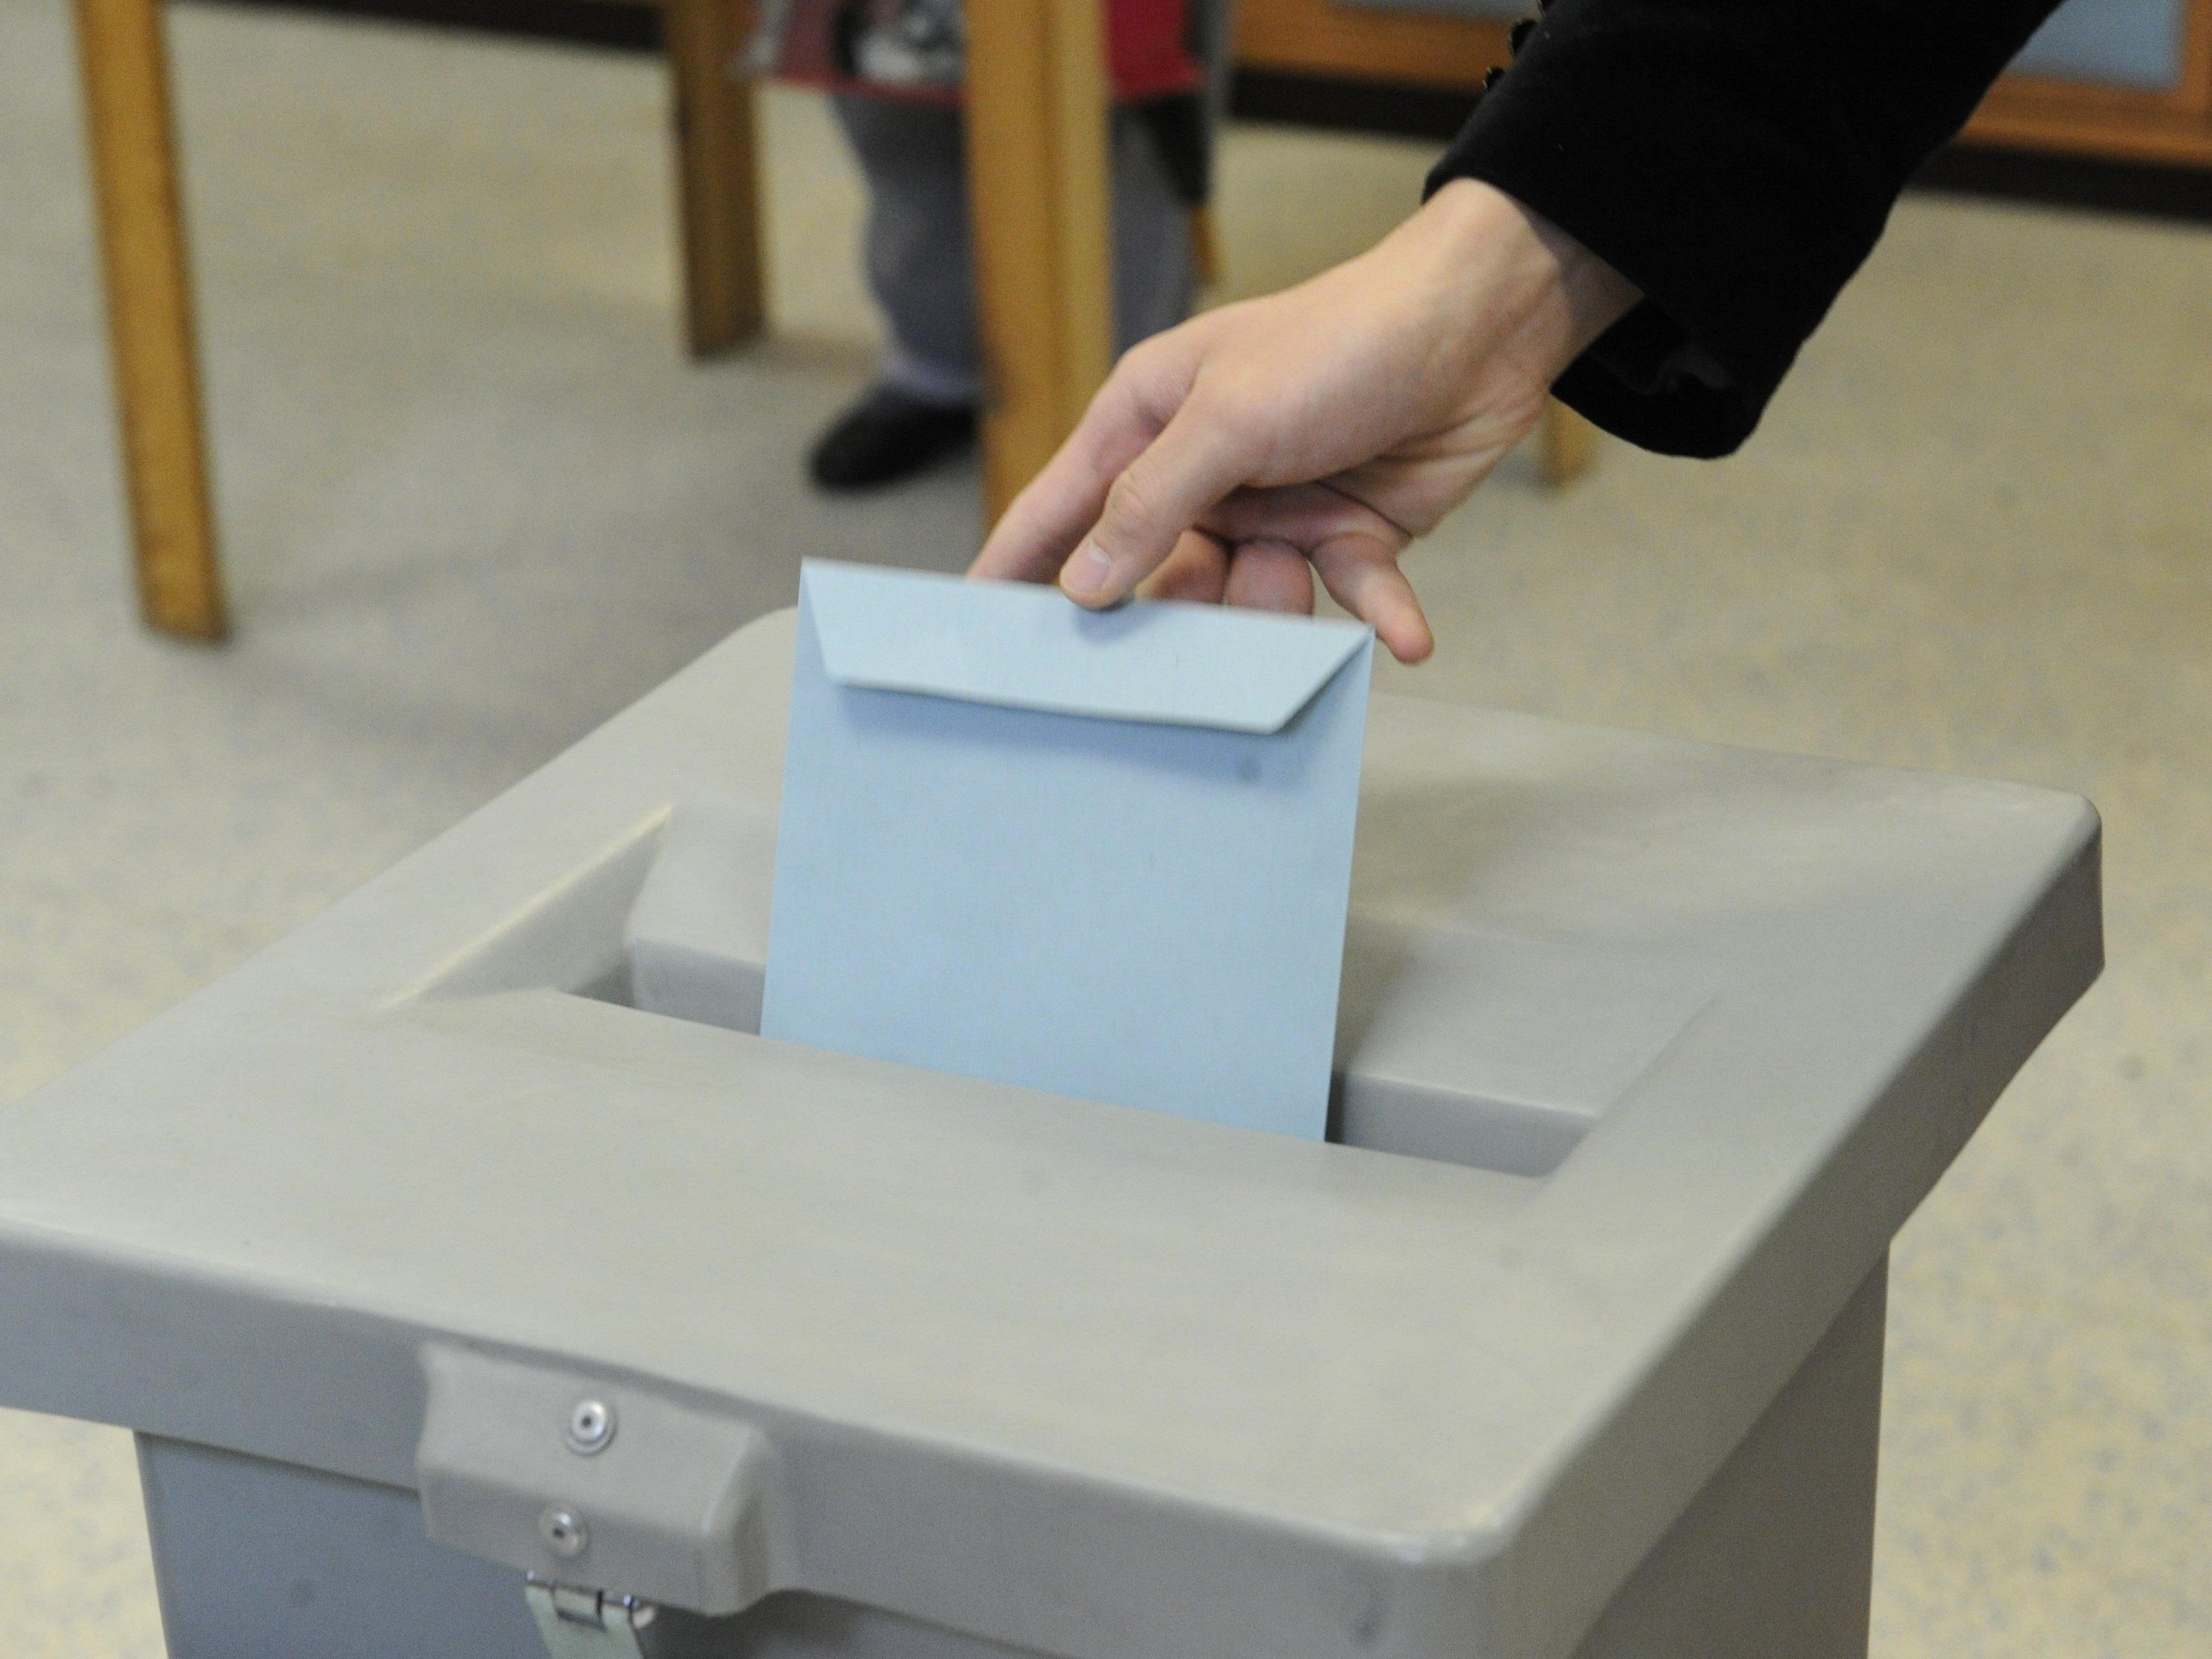 Spätestens am 4. Mai soll der Stimmzettel zur Burgenland-Wahl stehen.